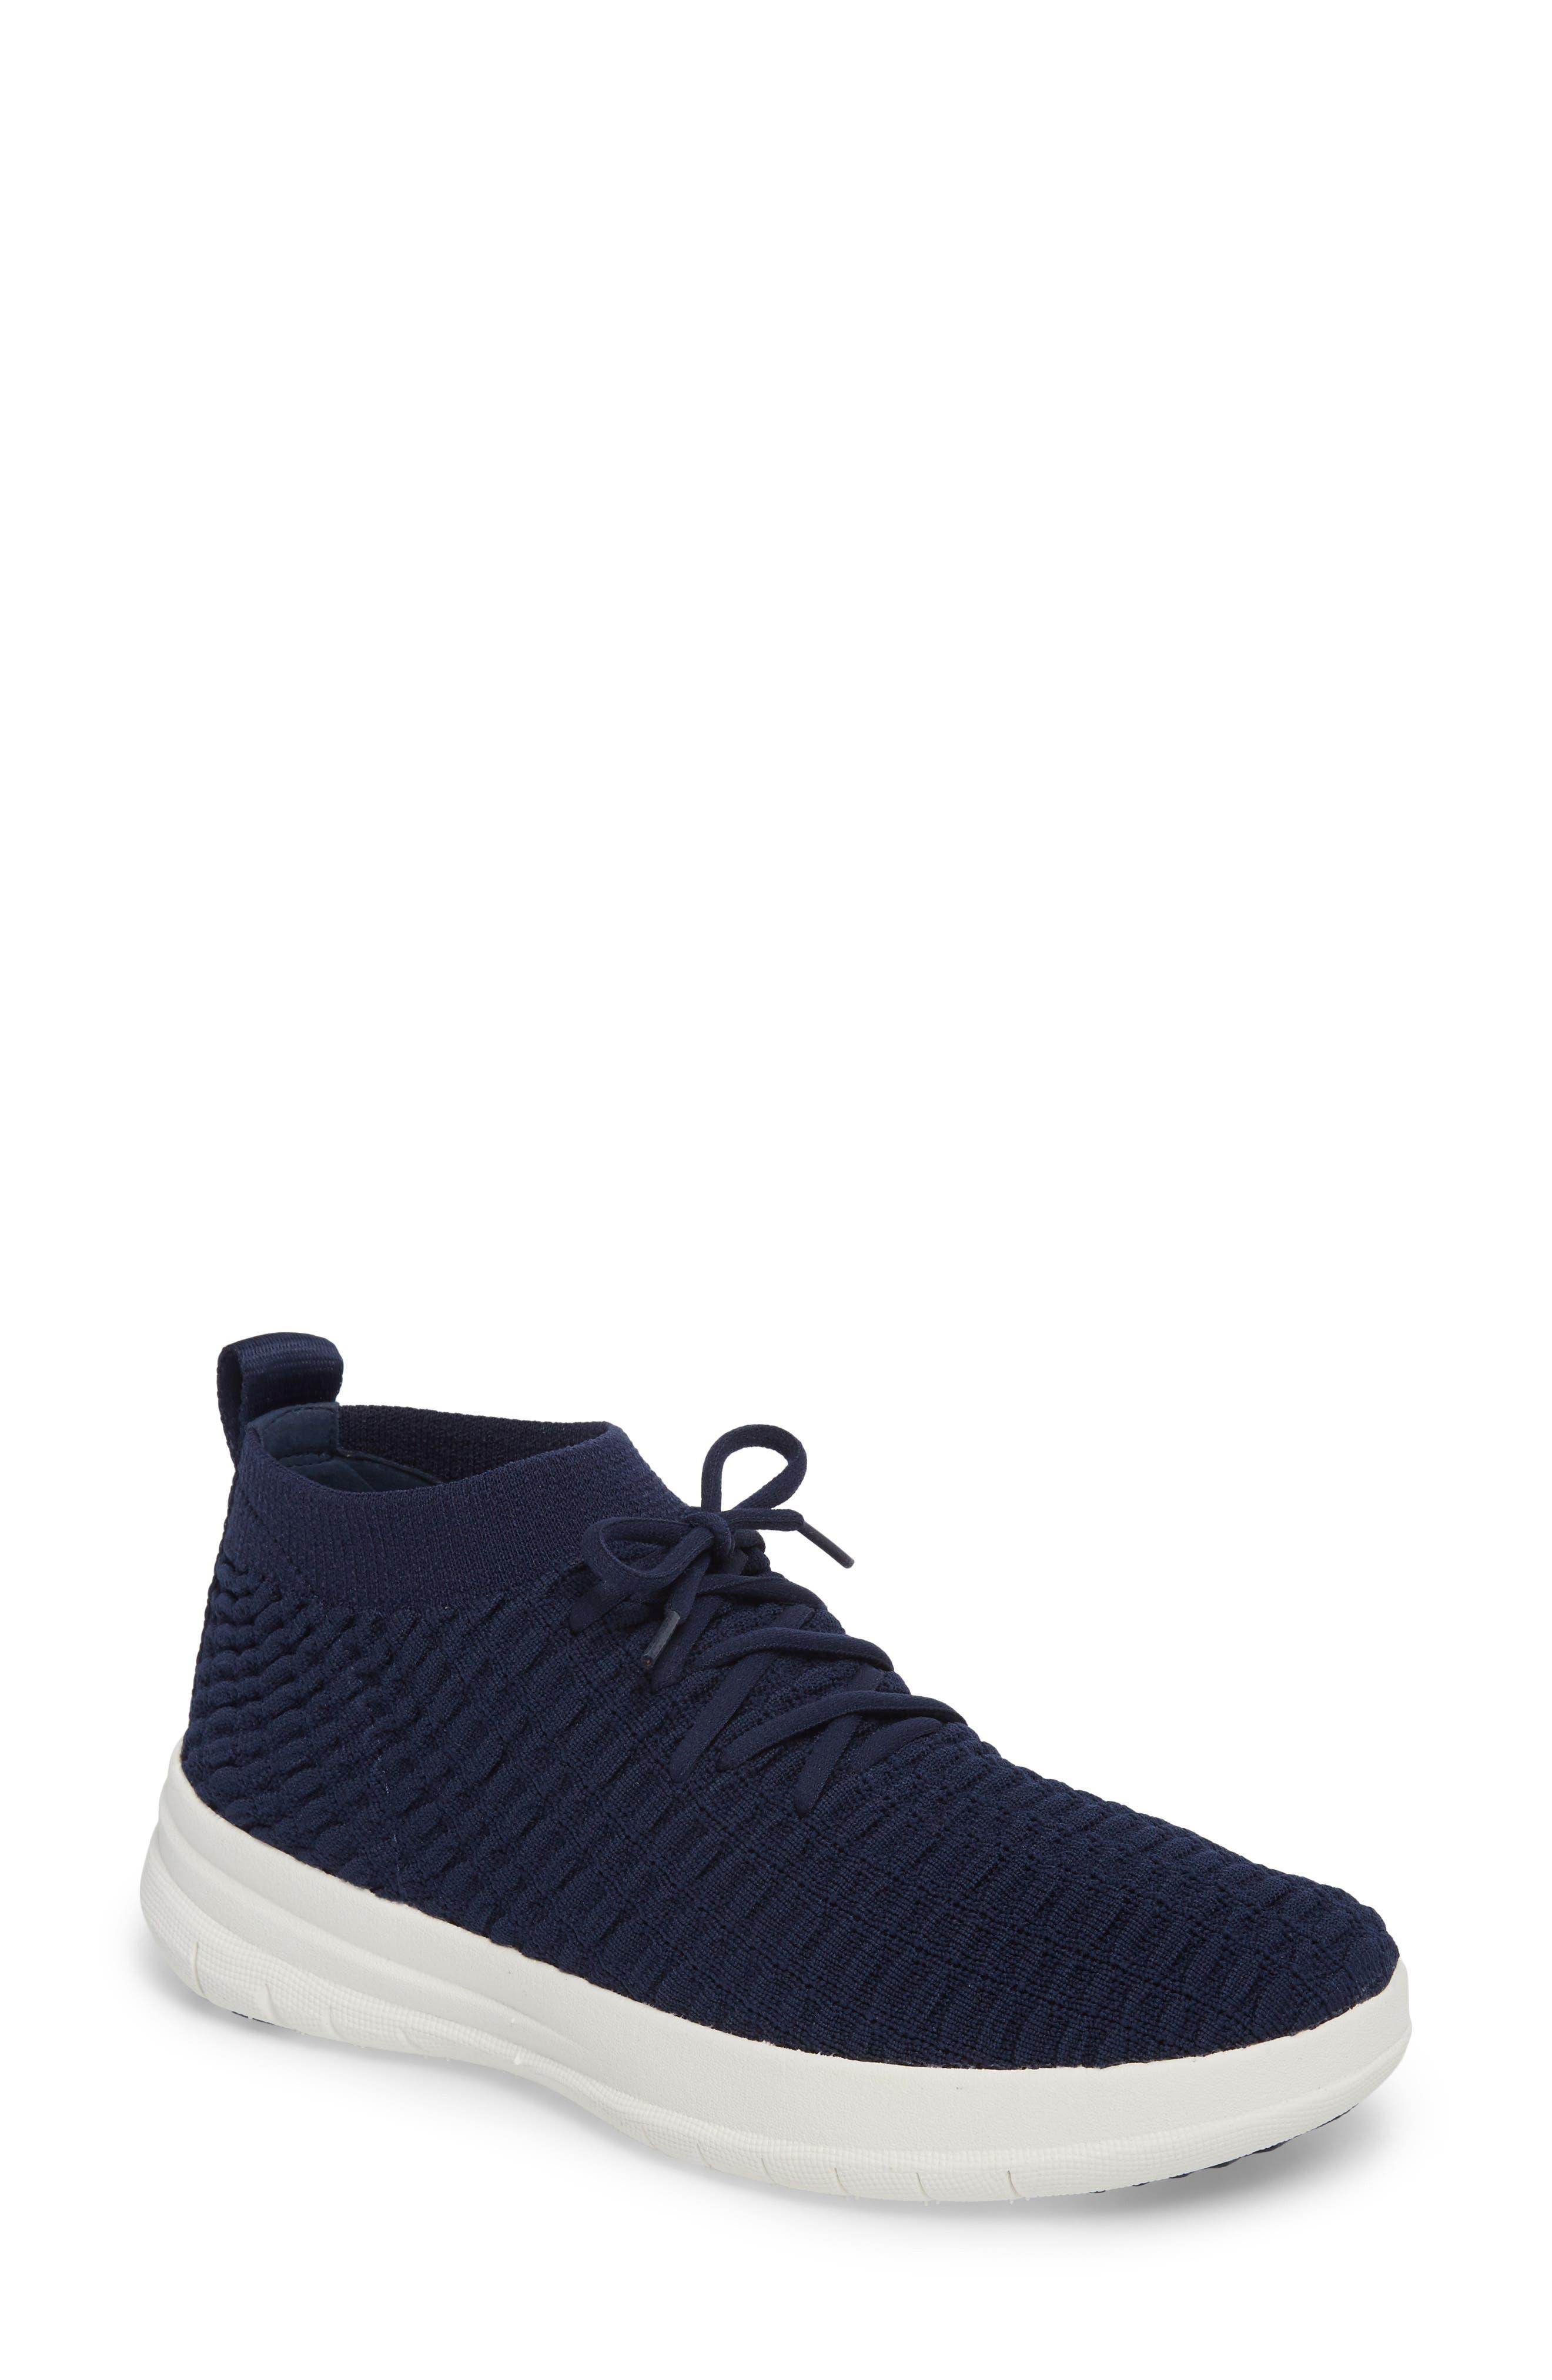 Uberknit<sup>™</sup> Slip-On High Top Sneaker,                         Main,                         color, Midnight Navy